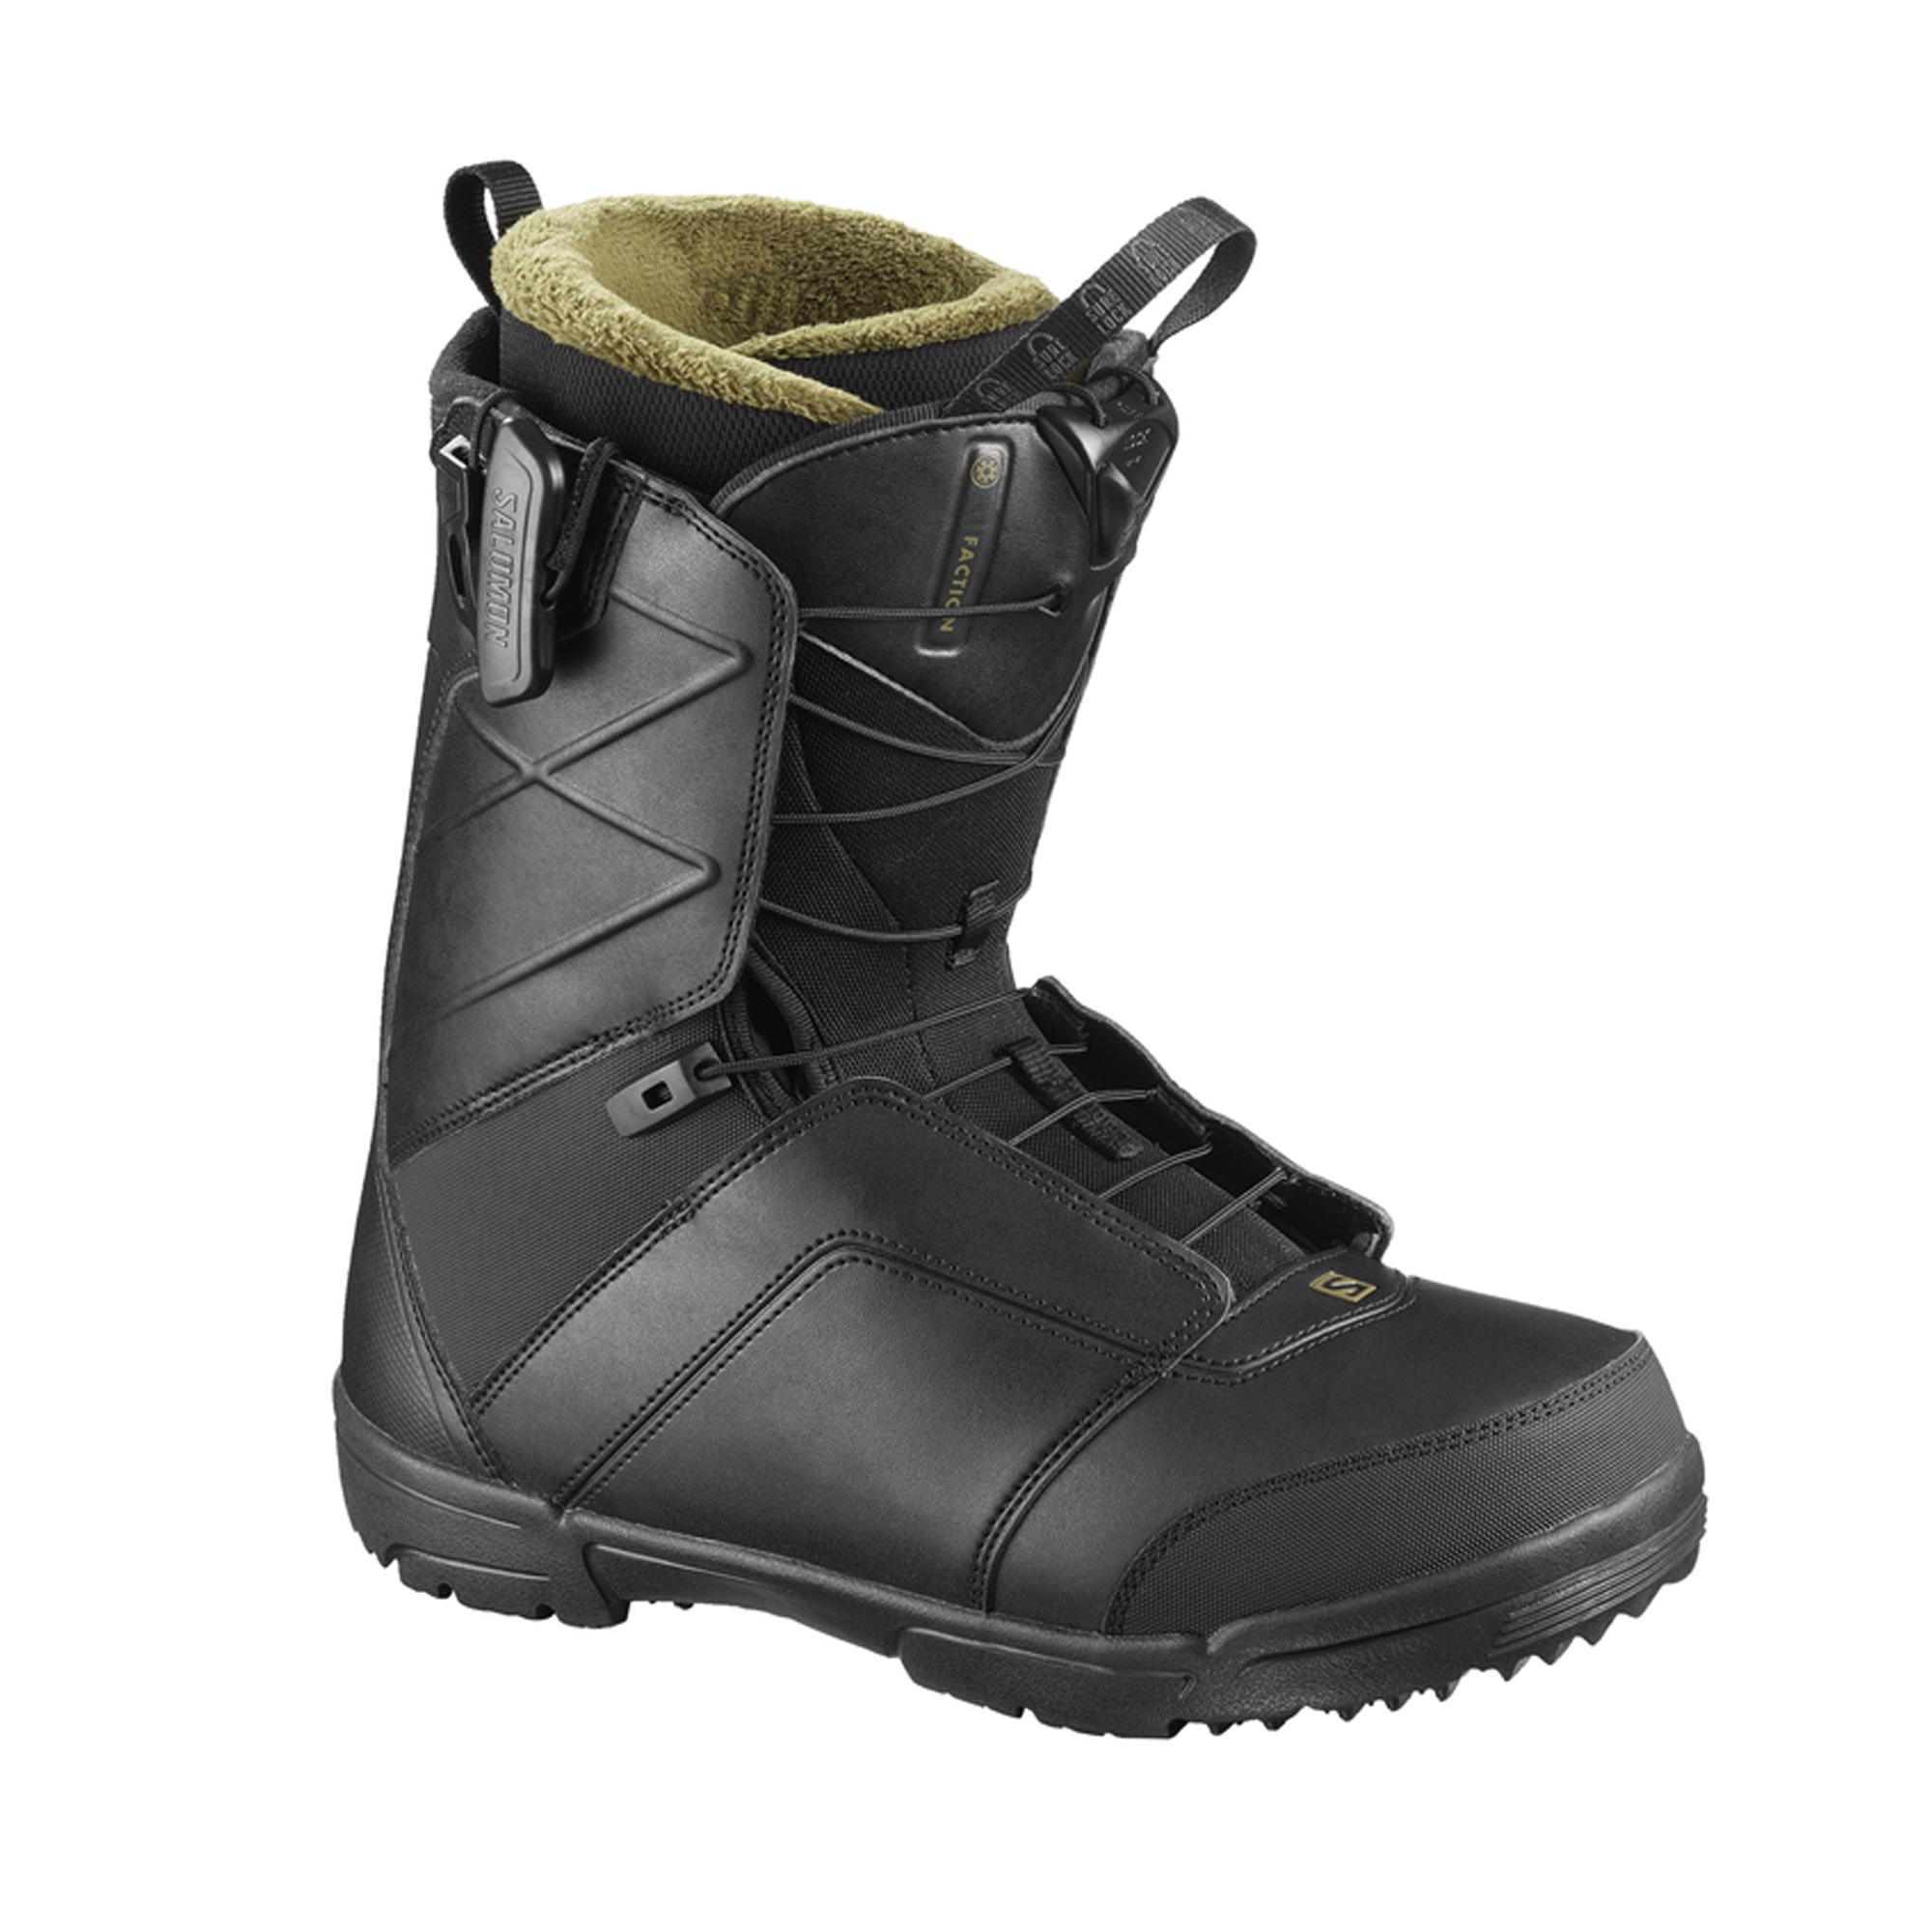 Comprar botas de Snowboard Online  57b541236ff58